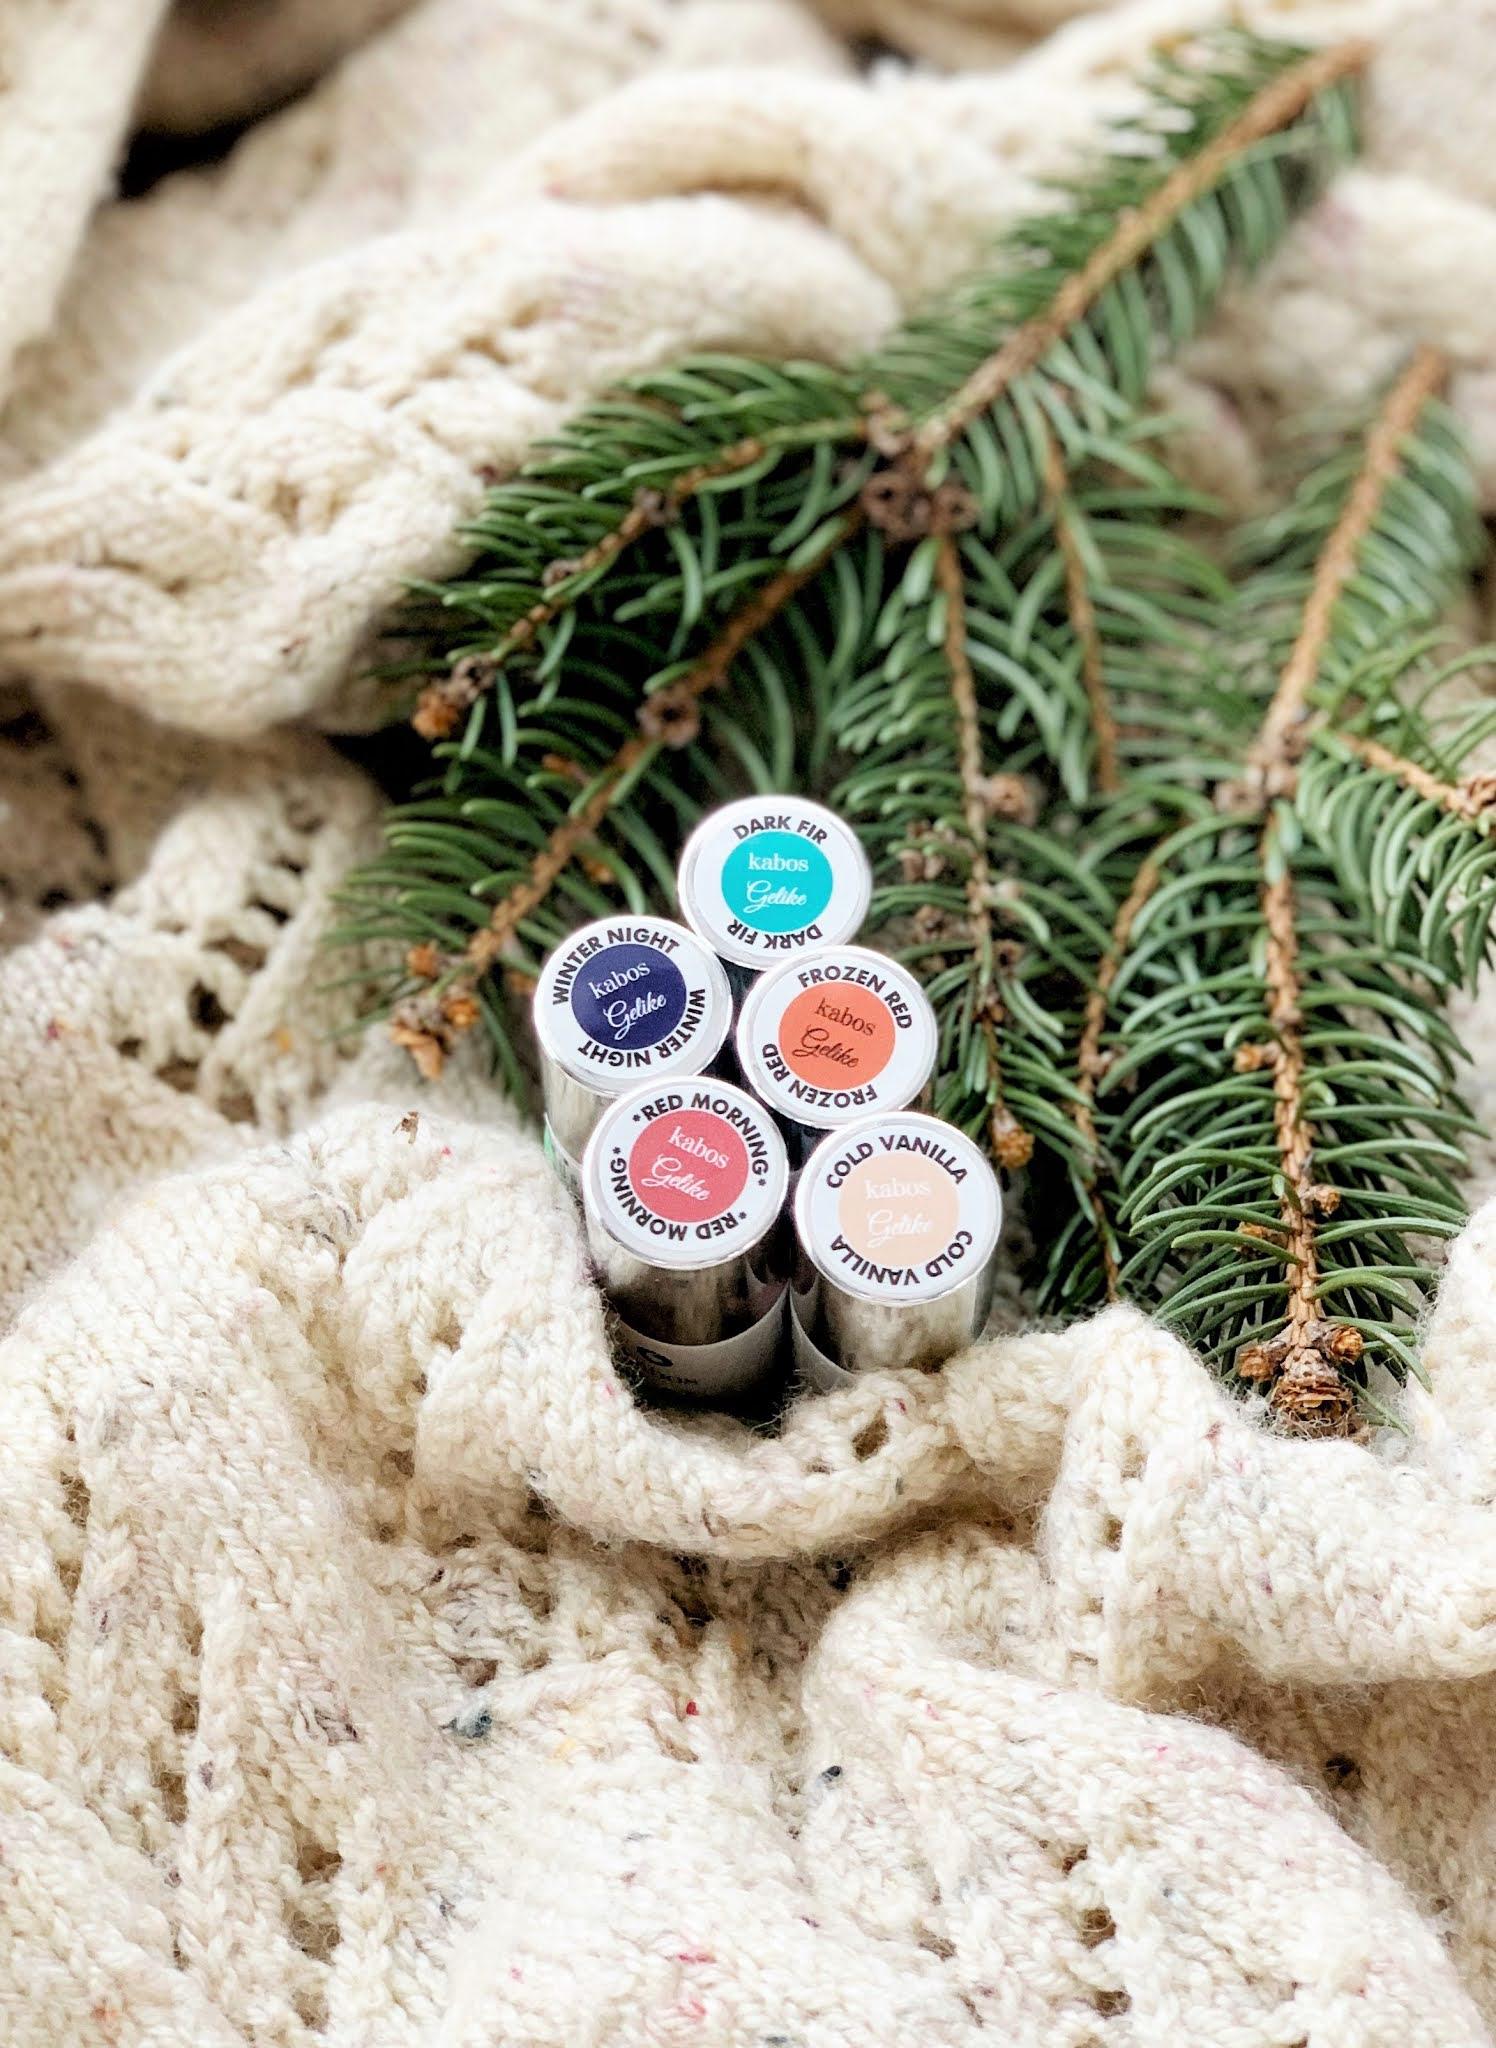 Winter Nails Kabos Gelike - zimowe lakiery do paznokci